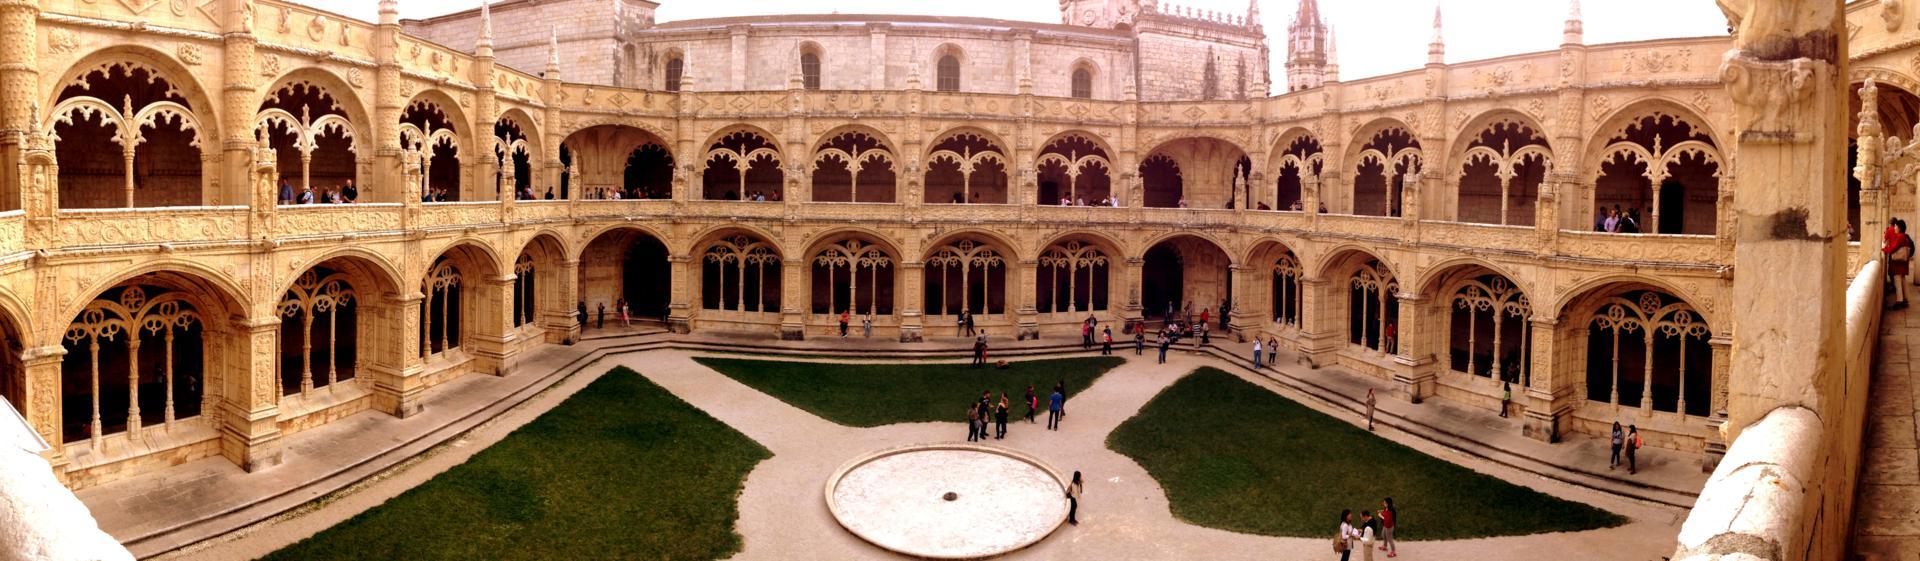 monasterio panorama